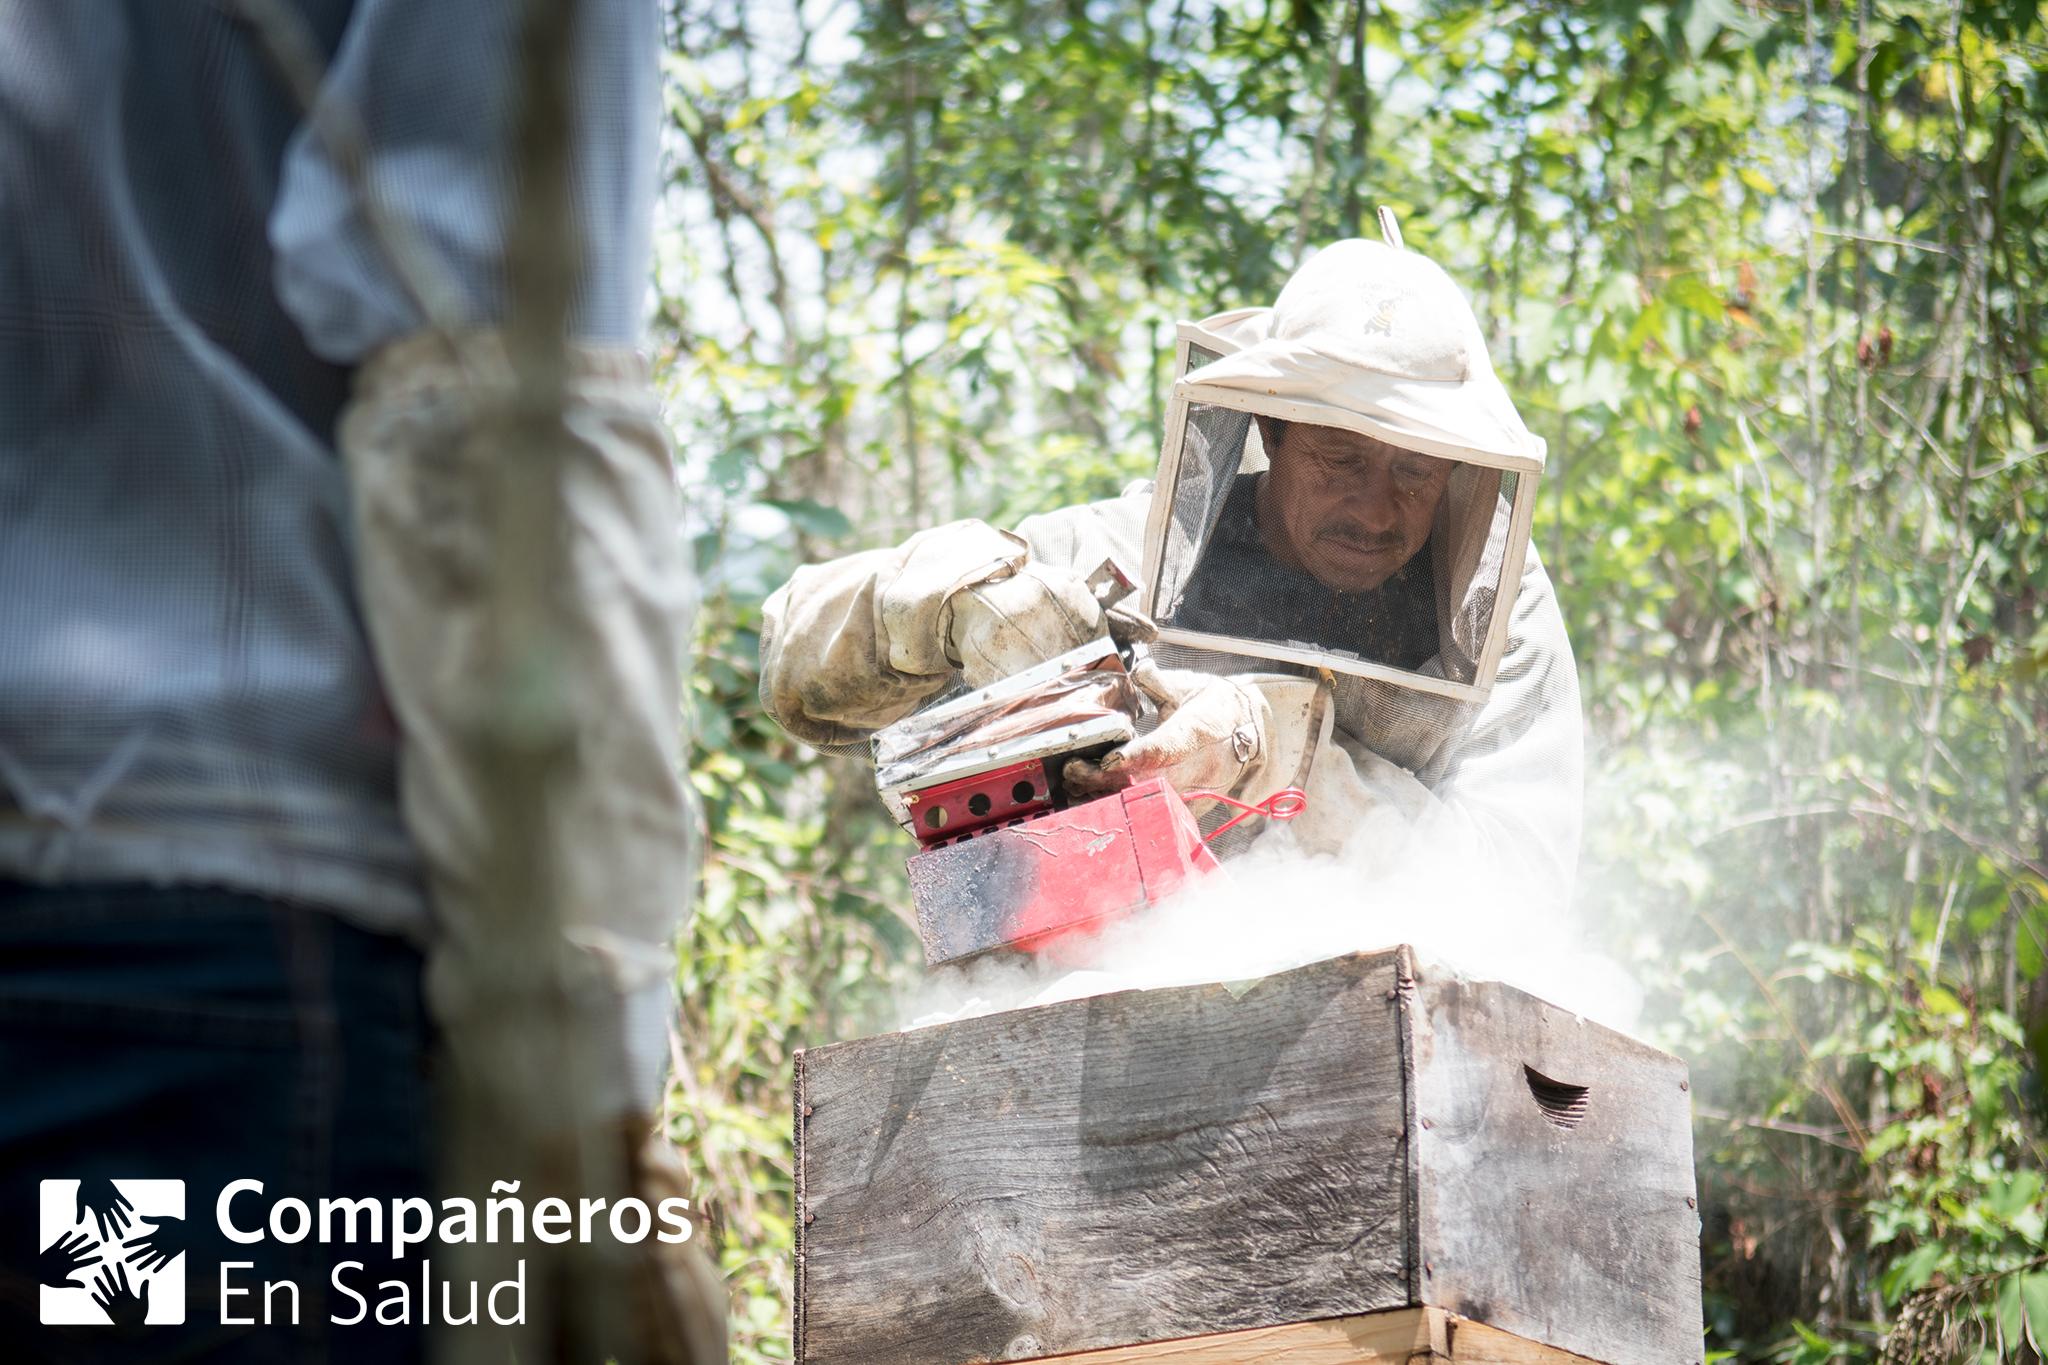 Don Ramiro, uno de los anfitriones de los estudiantes de medicina visitantes, les muestra el proceso de cosechar miel de sus panales cerca de la comunidad de Laguna del Cofre...